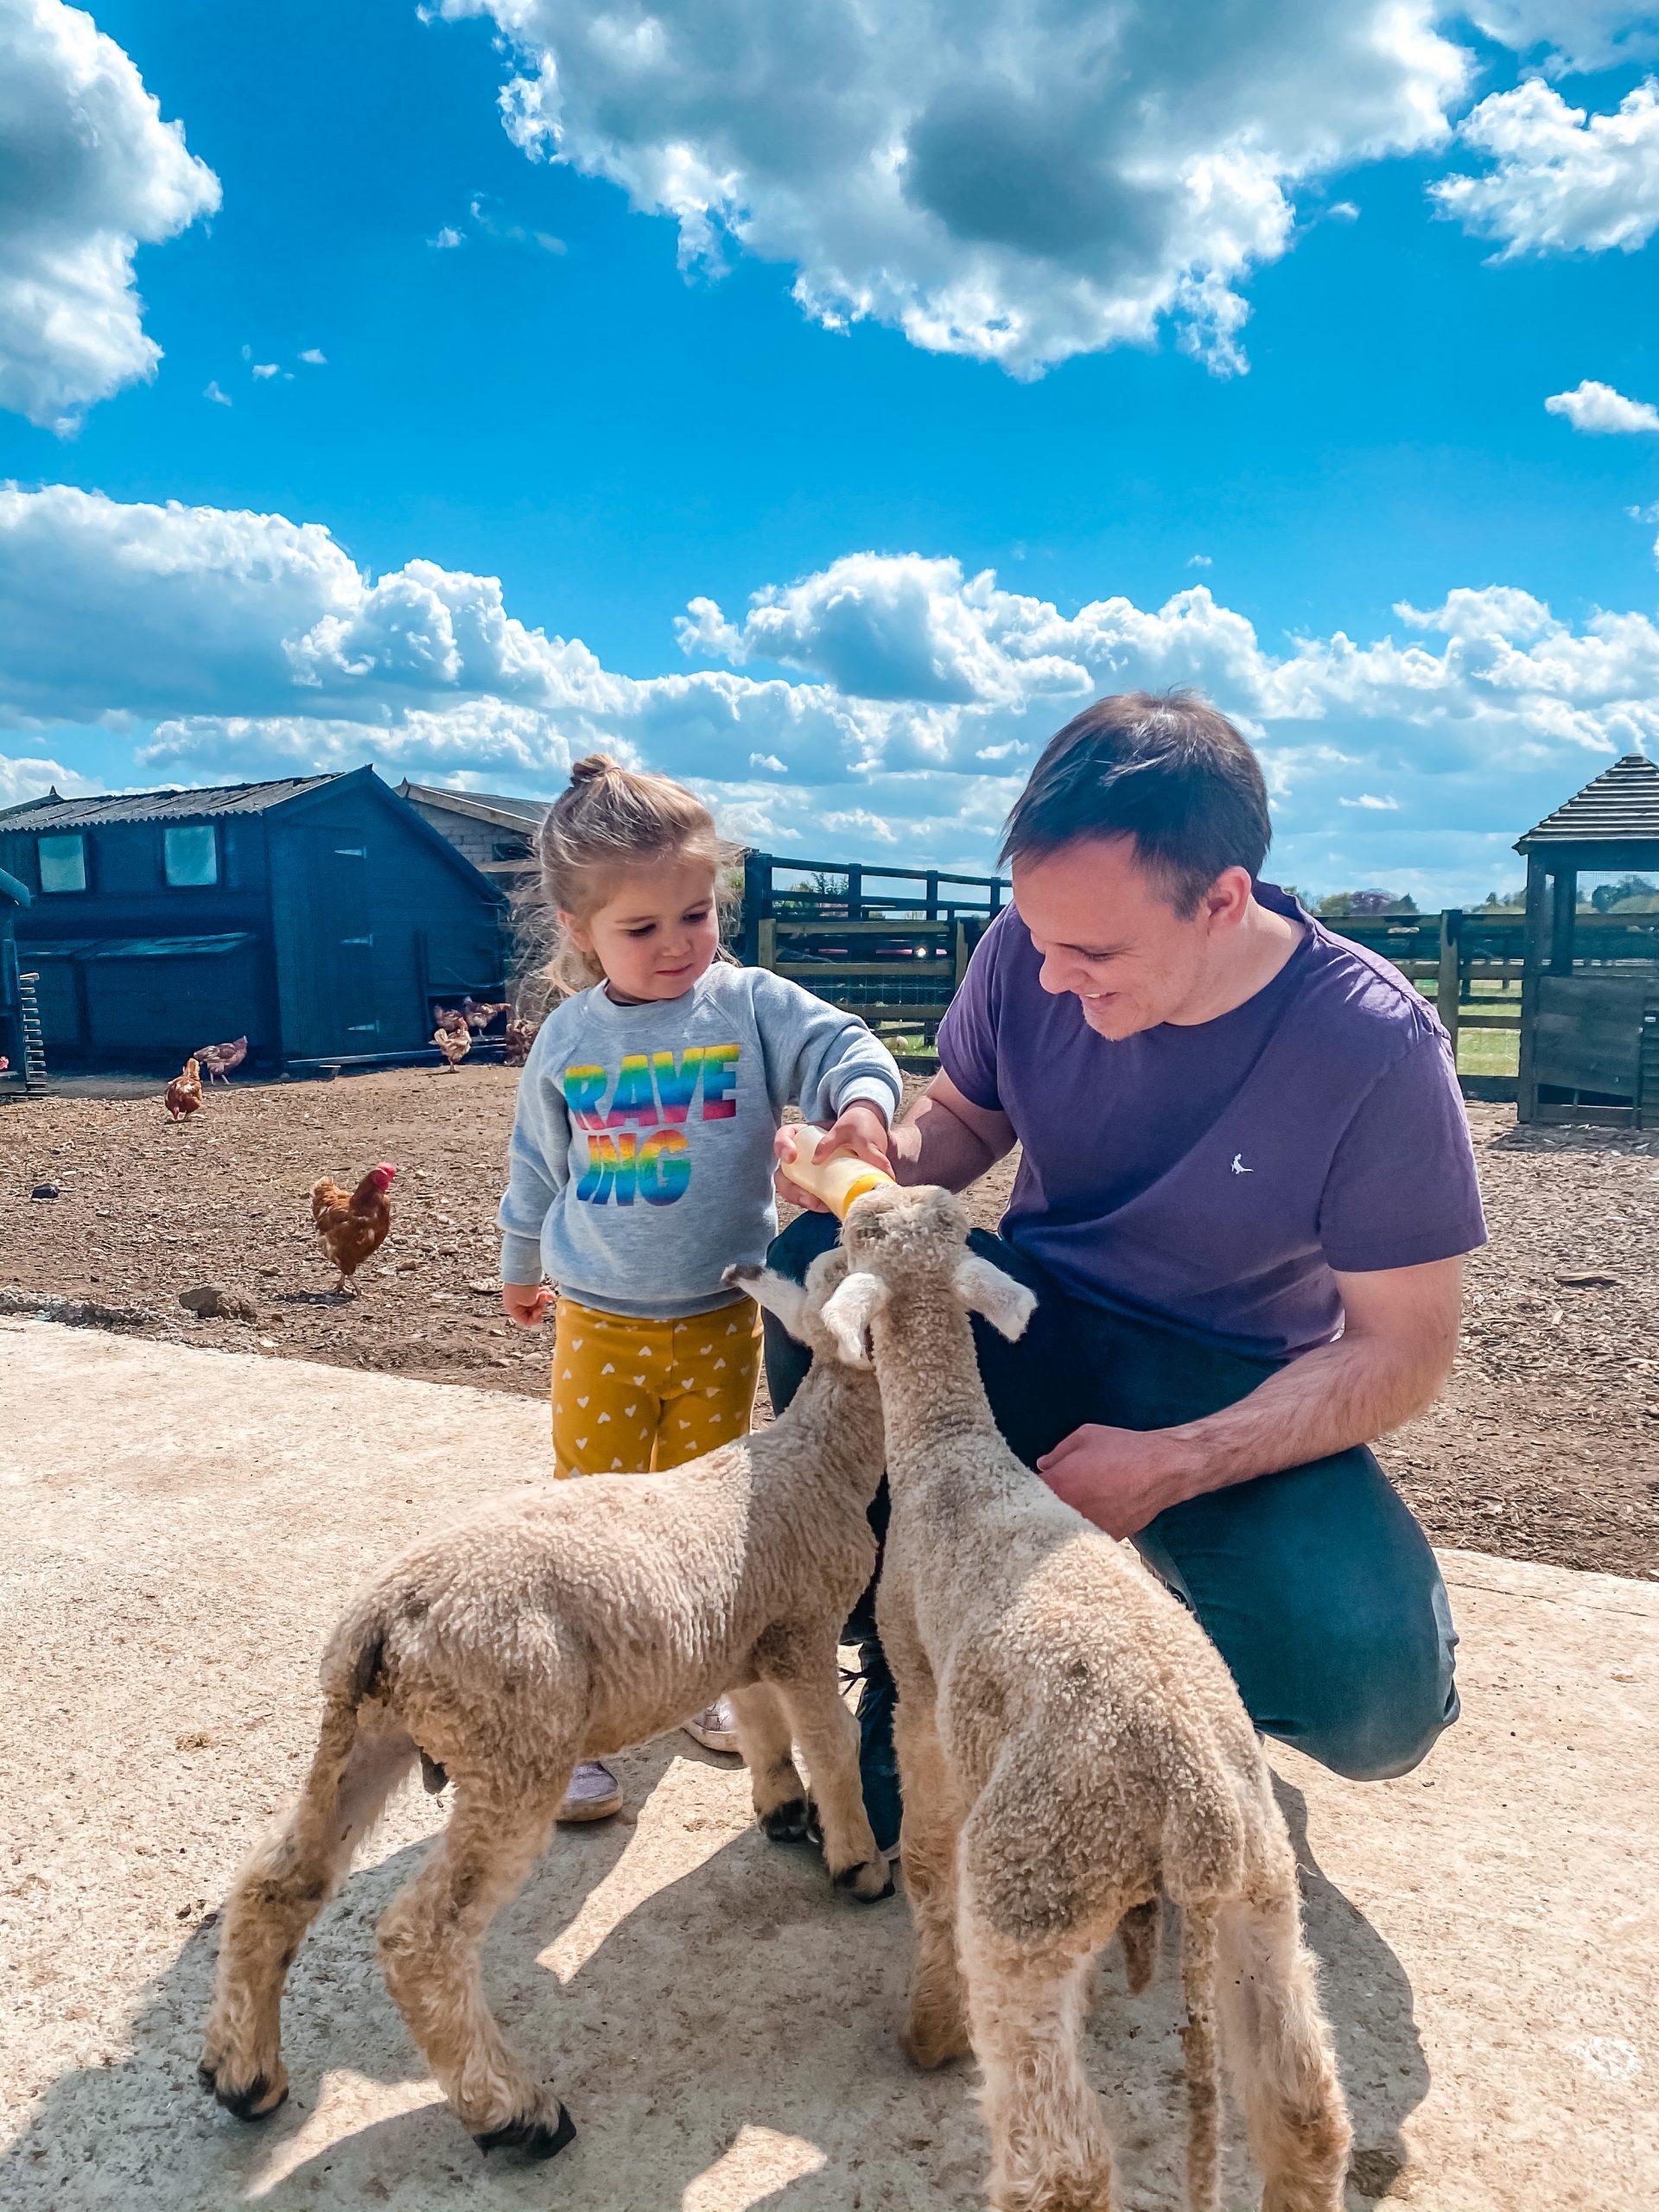 Feeding the lambs at Nathan's Farm